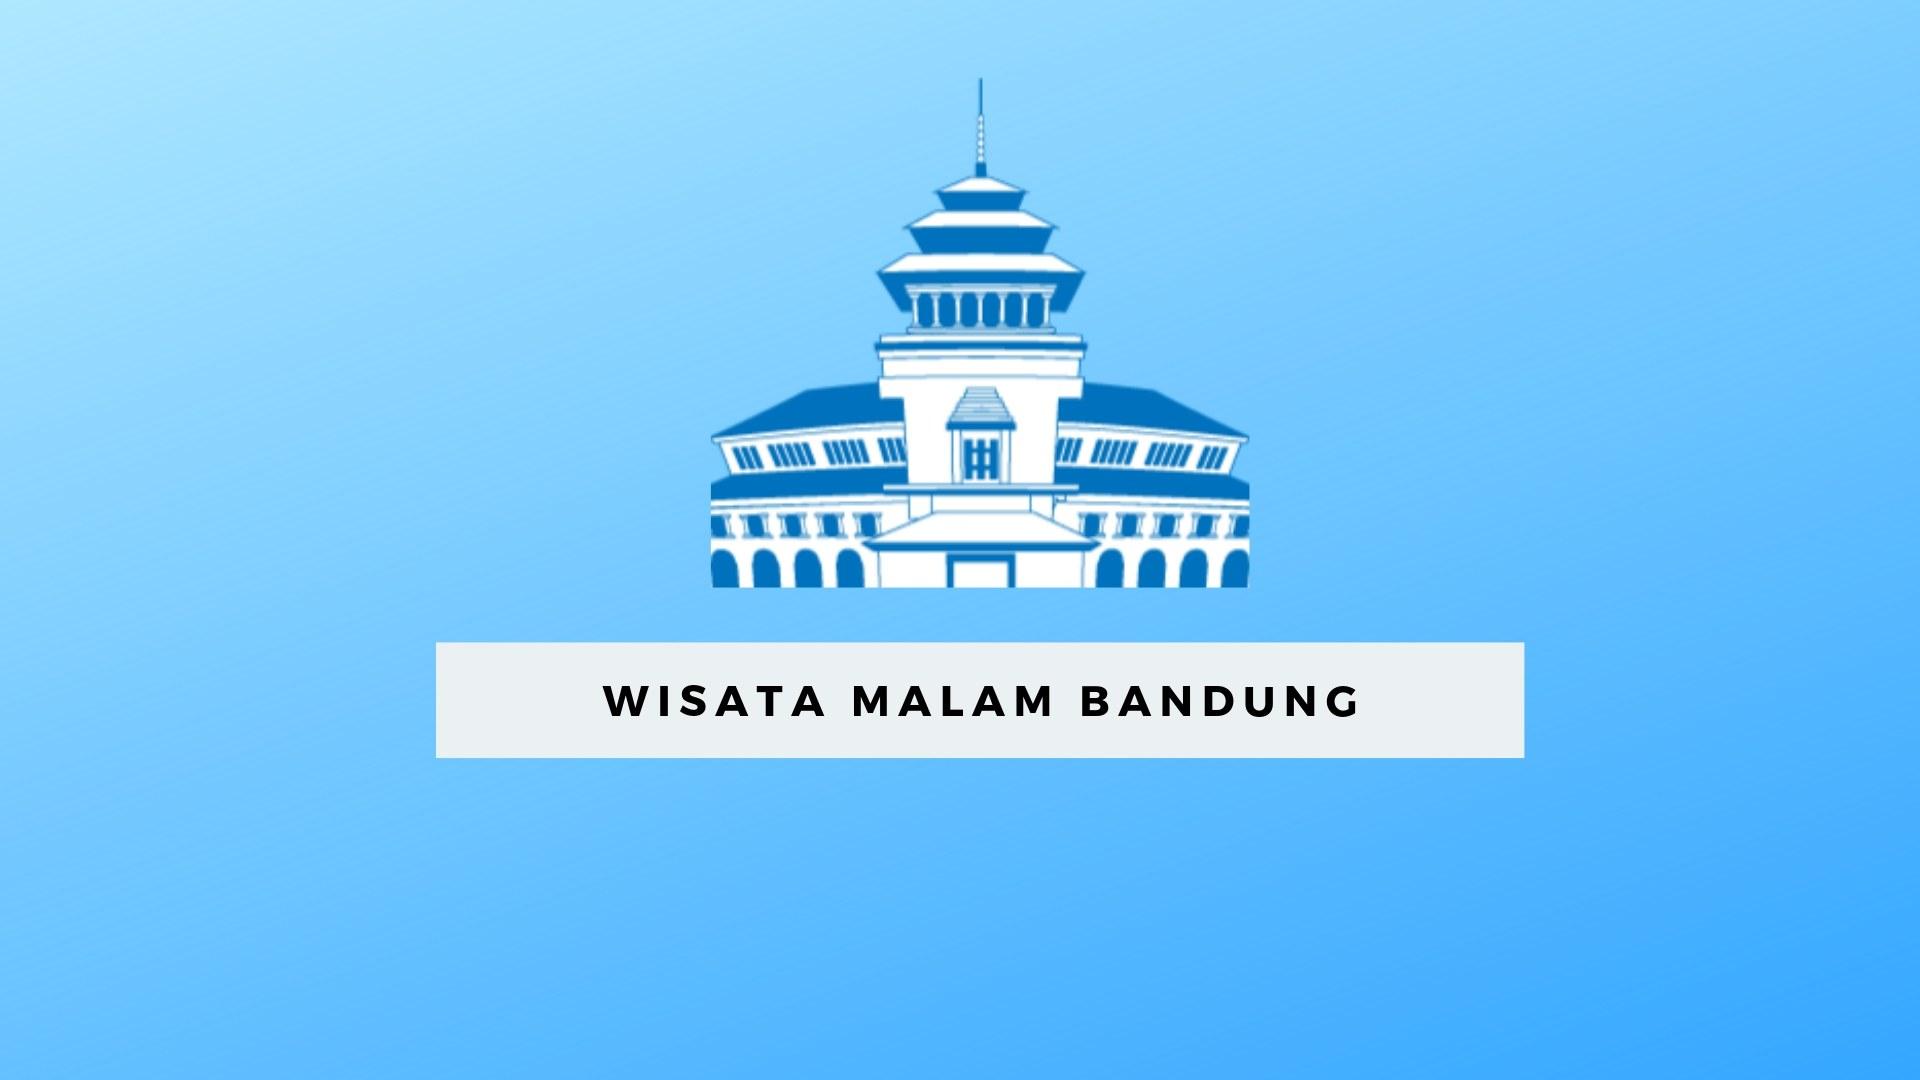 Wisata Malam Bandung